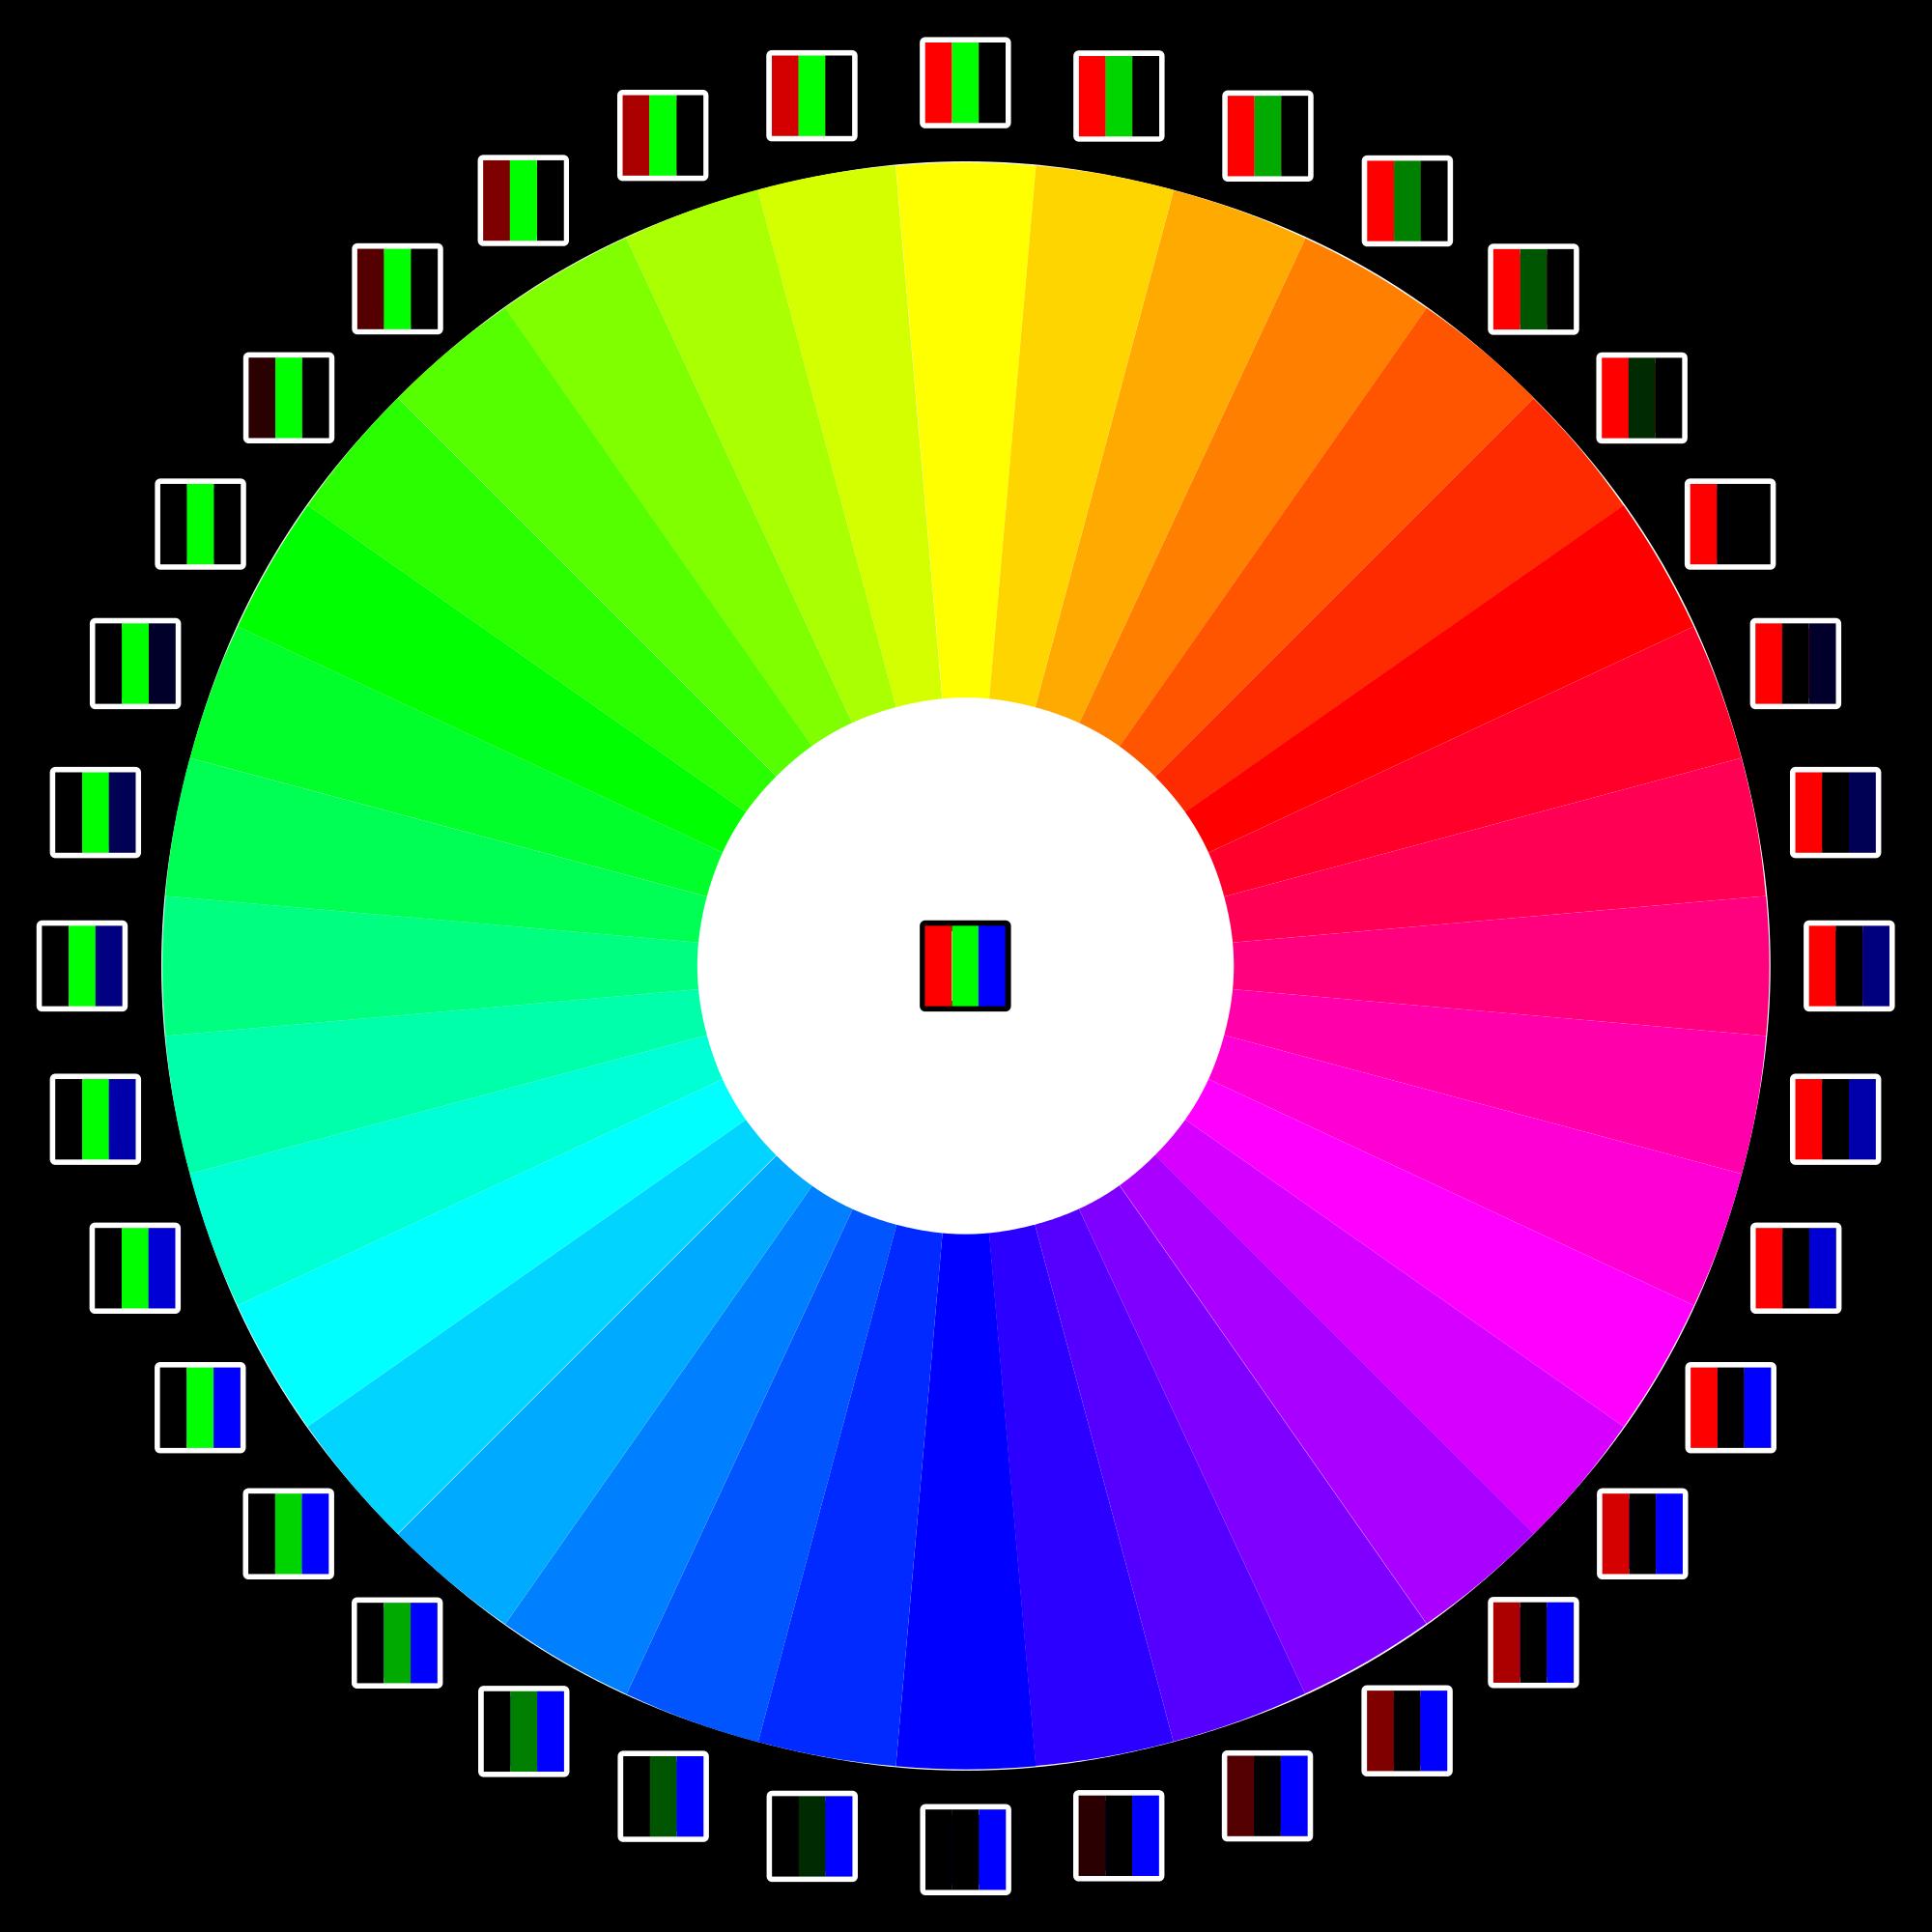 File color wheel svg. Square clipart rgb